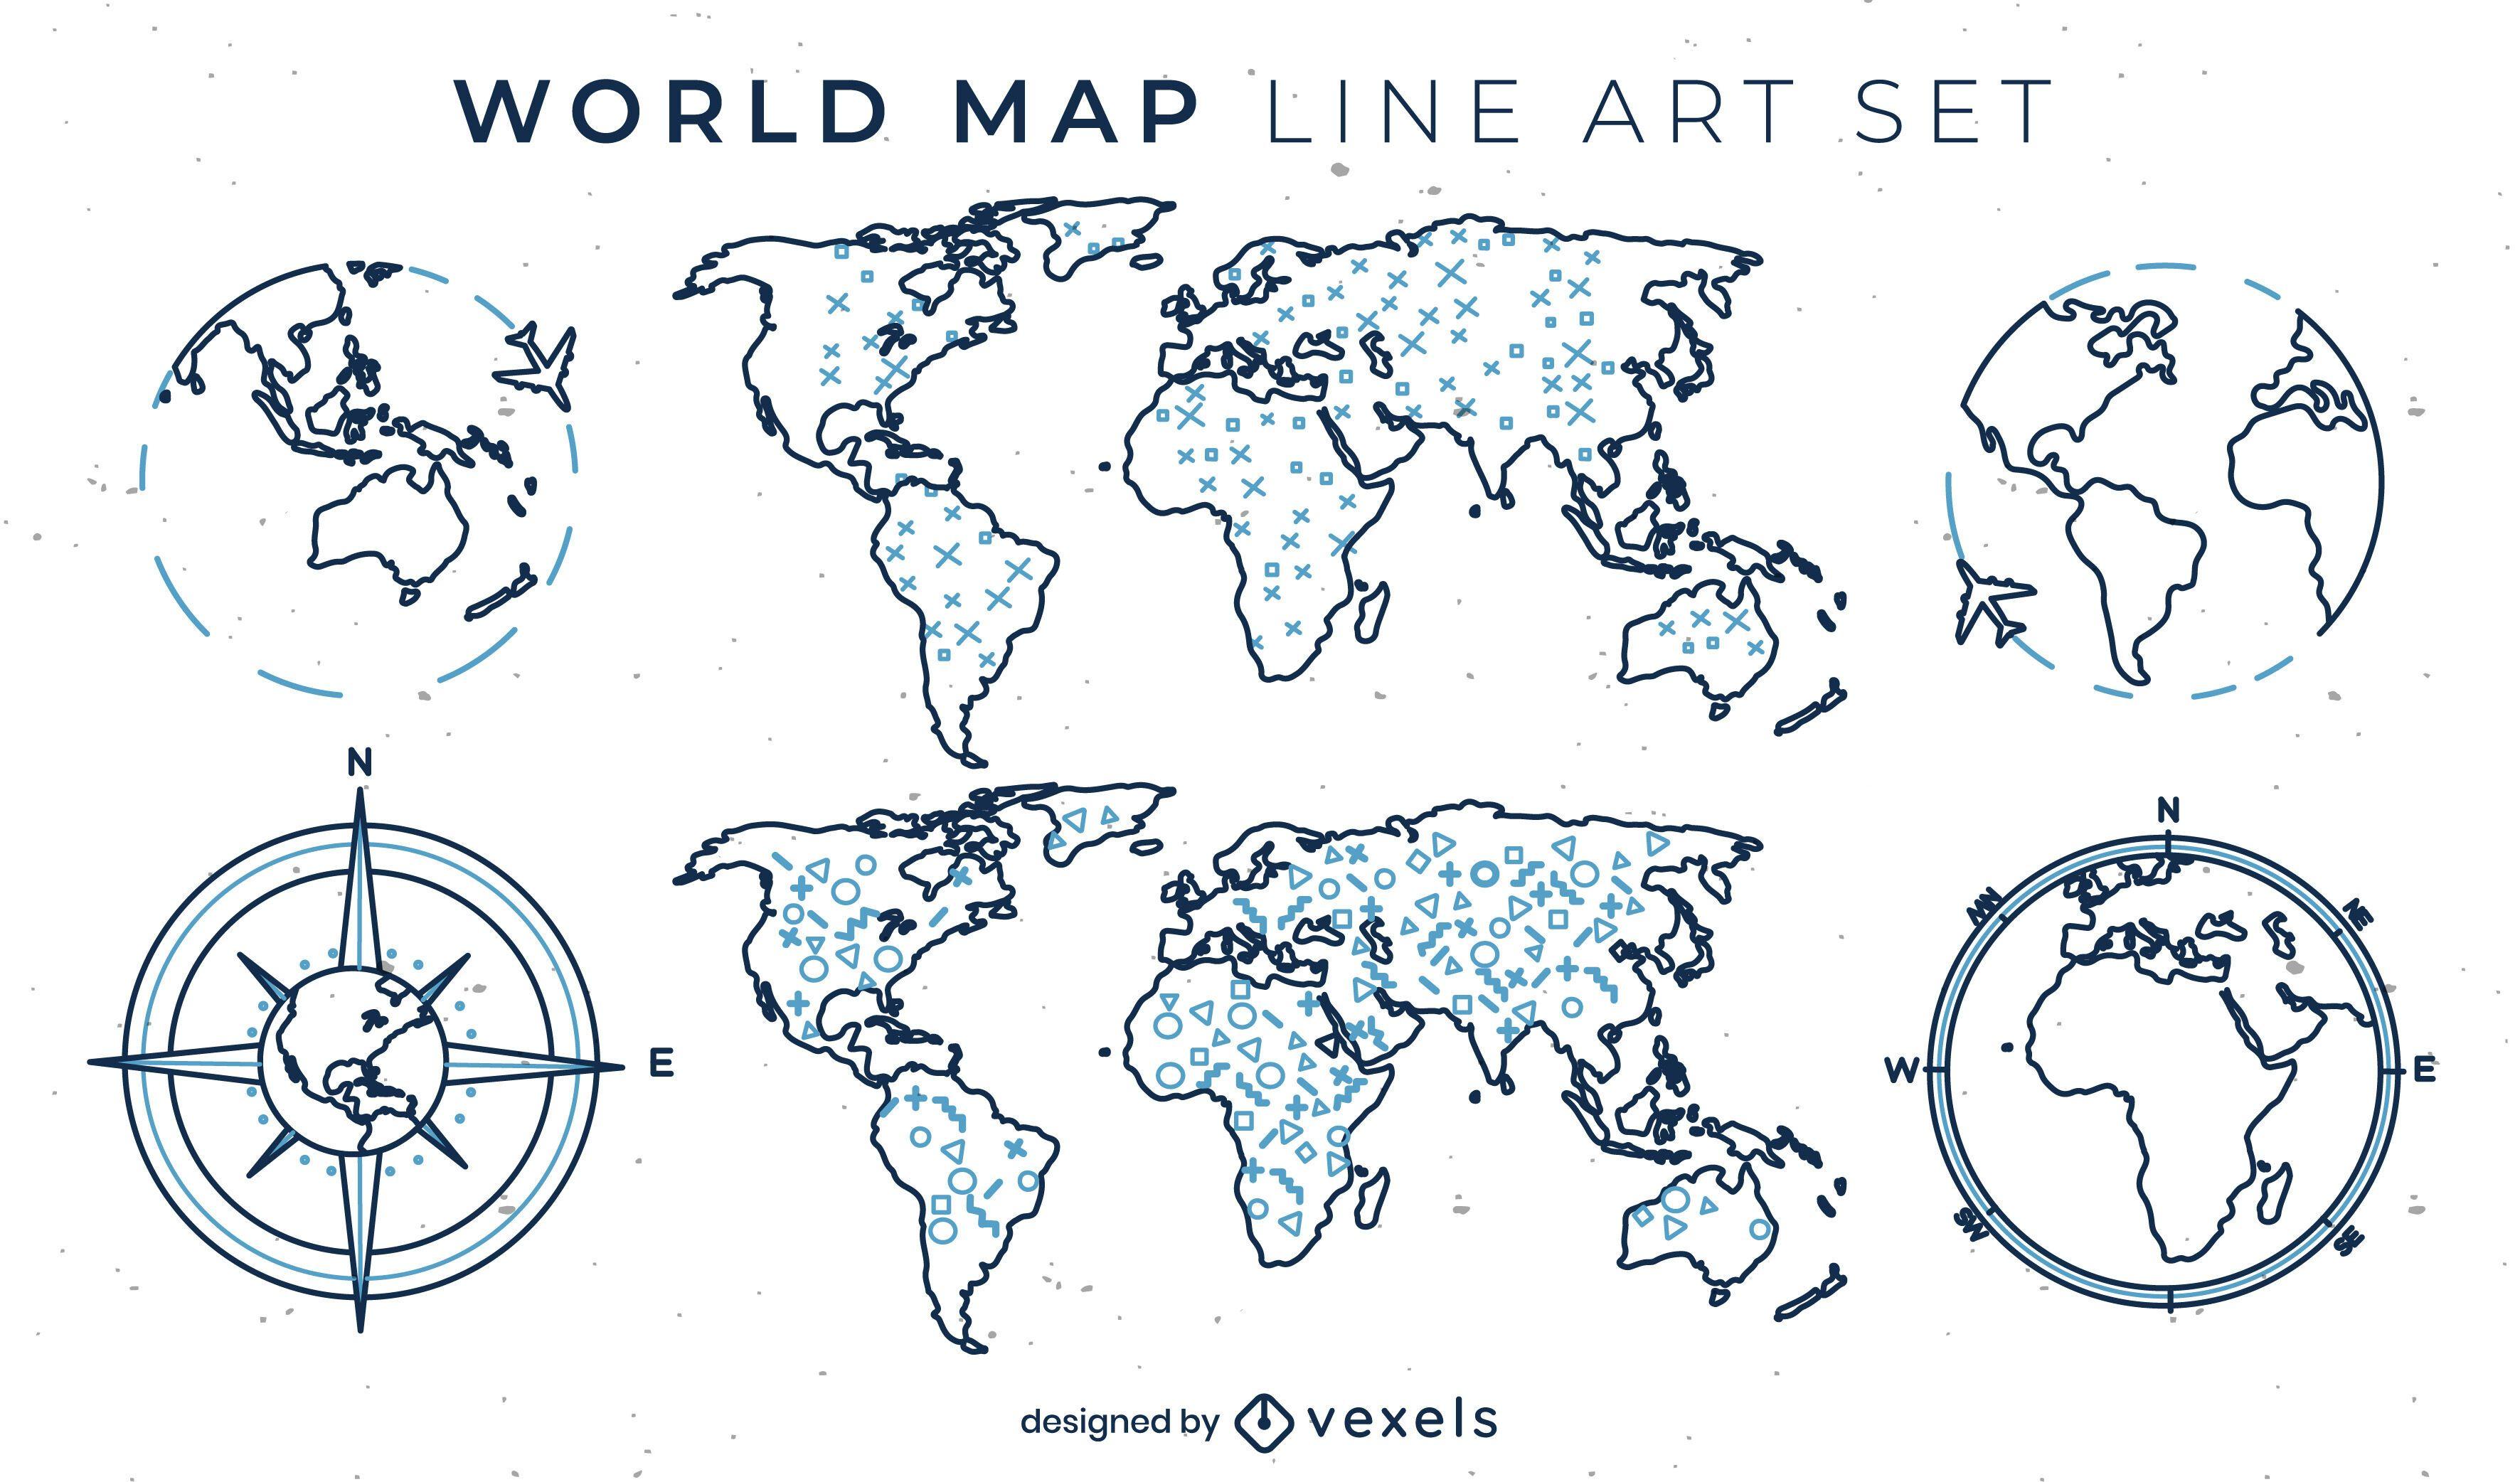 Conjunto de elementos de arte lineal de mapa mundial